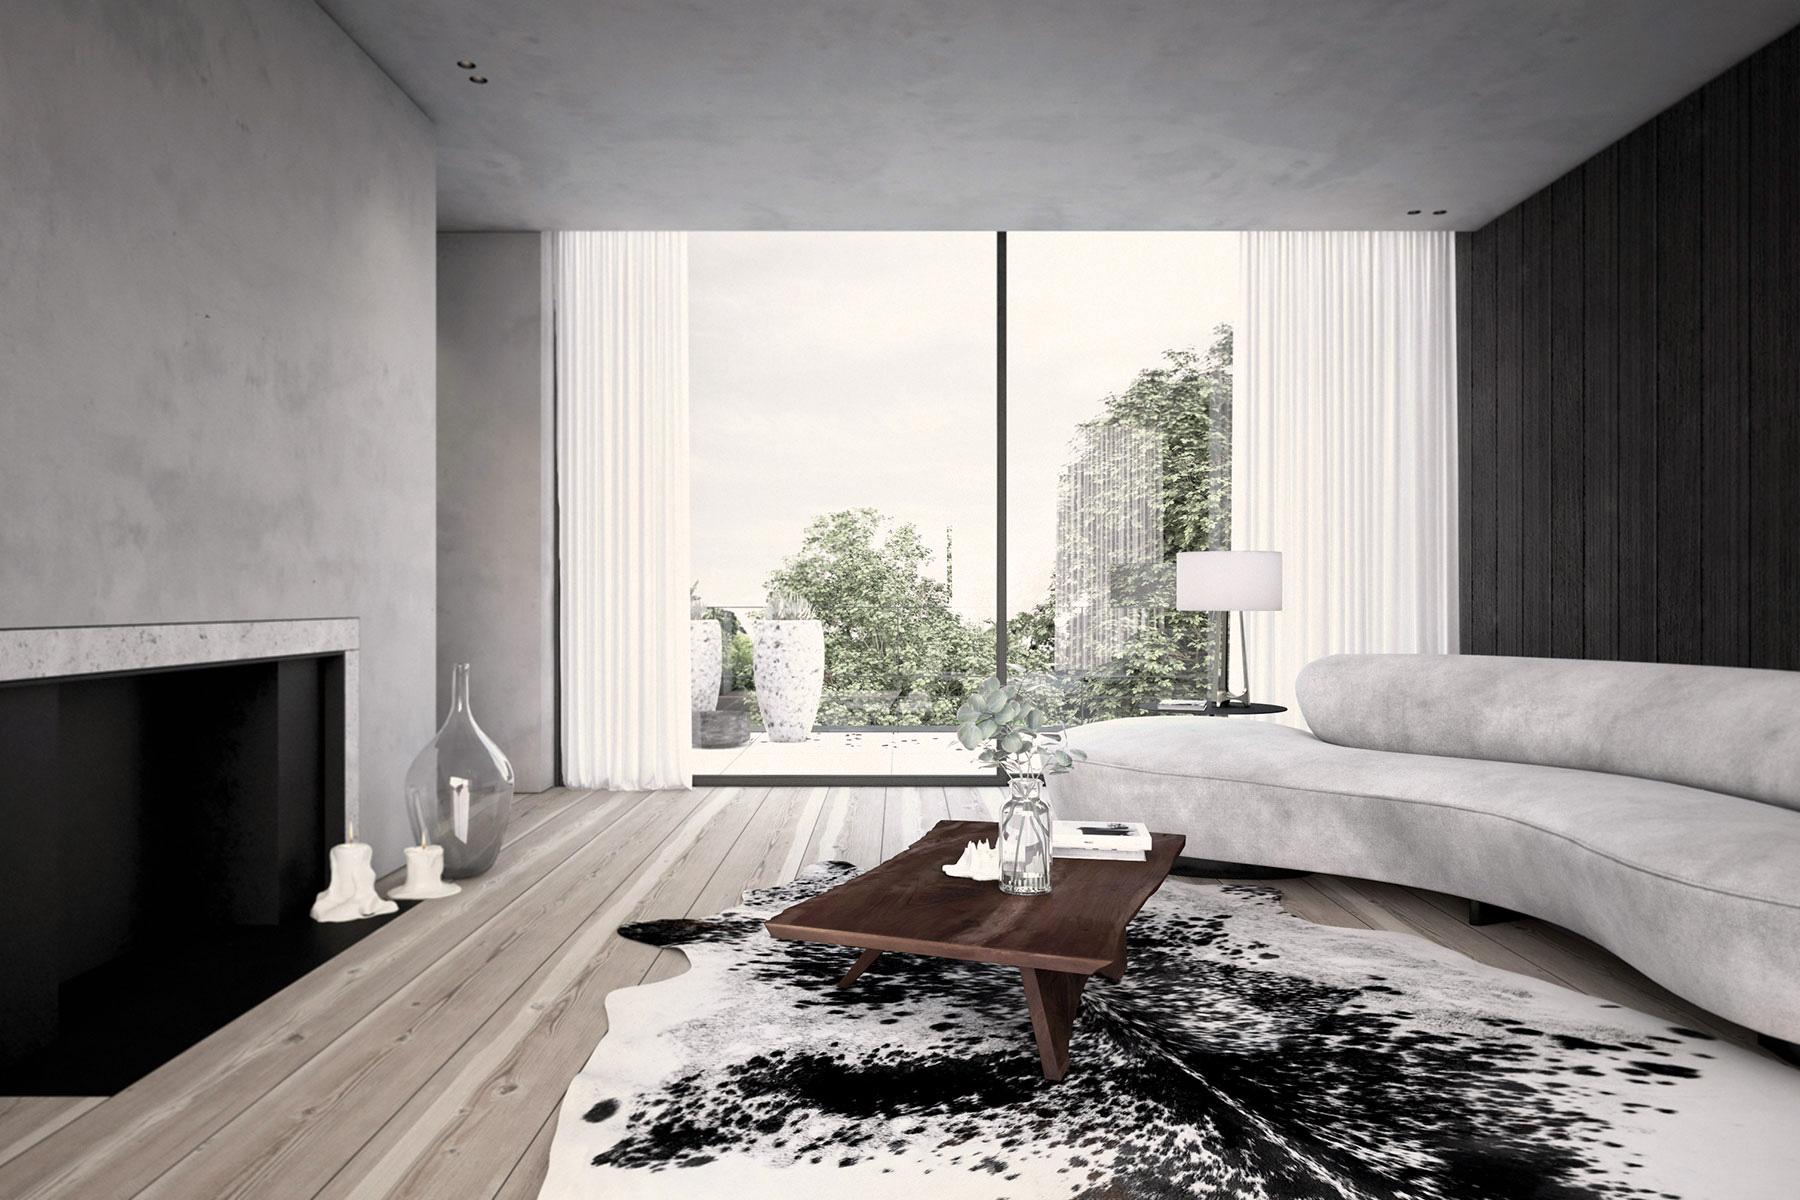 KERSTENS_ALB-Penthouse (22).jpg